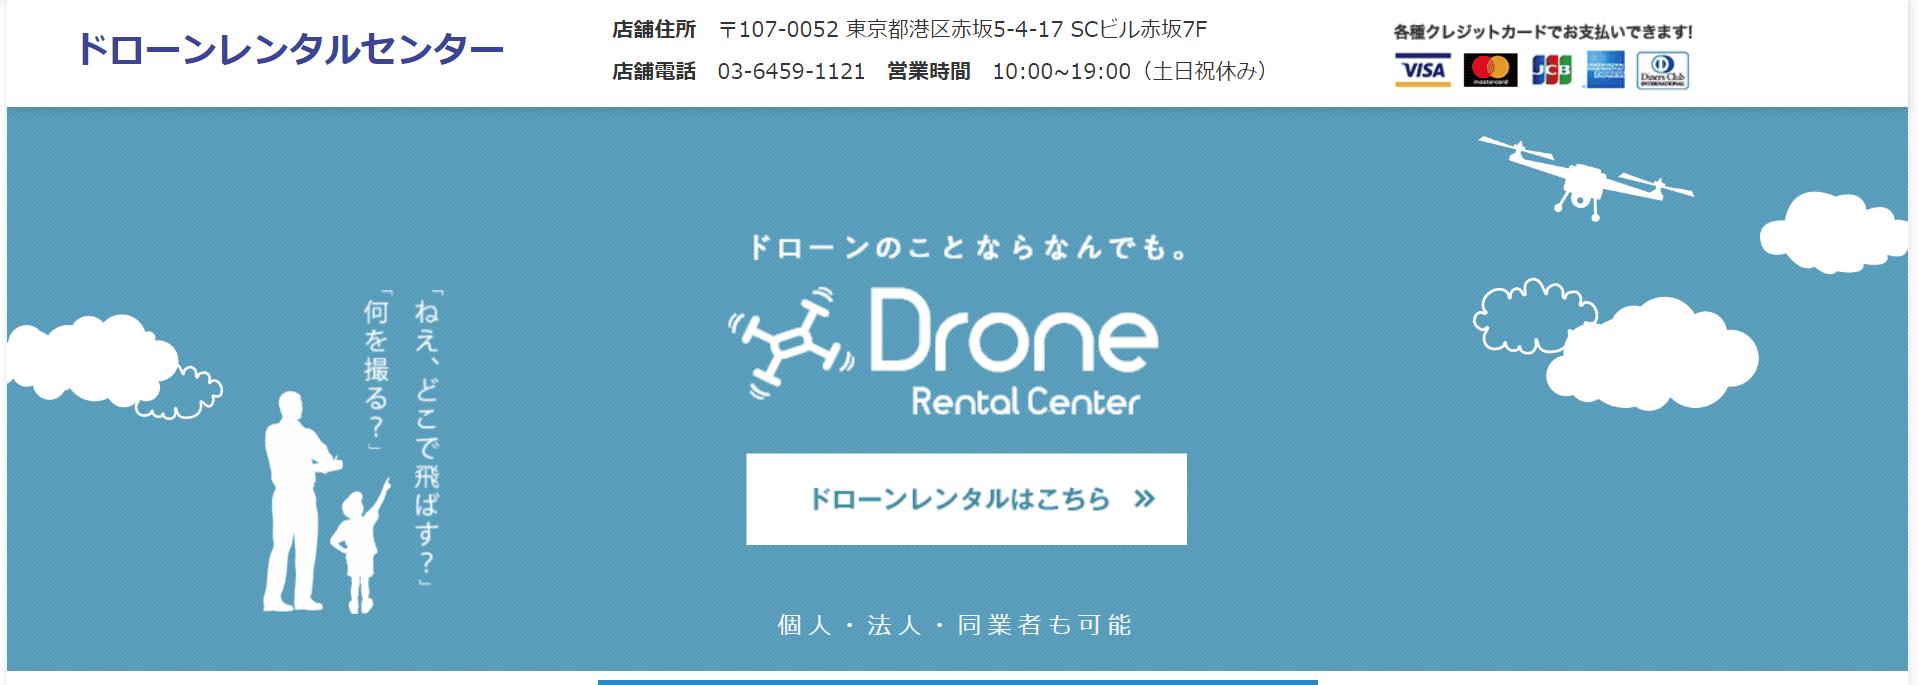 【ドローン専門】おすすめレンタルサービス1:ドローンレンタルセンター